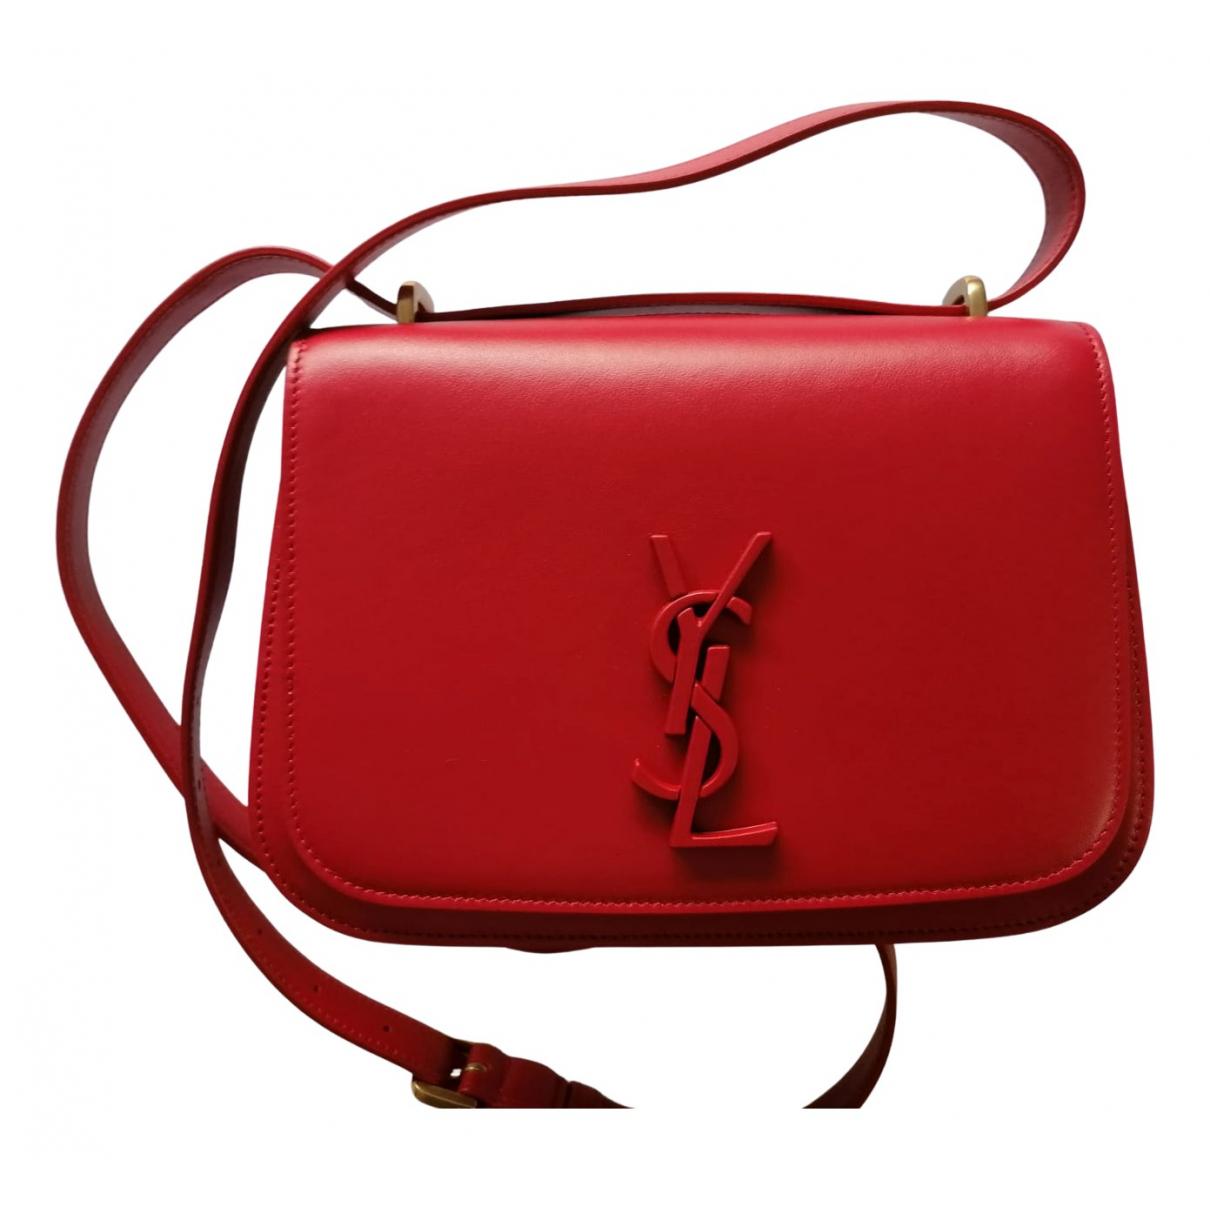 Saint Laurent - Sac a main   pour femme en cuir - rouge